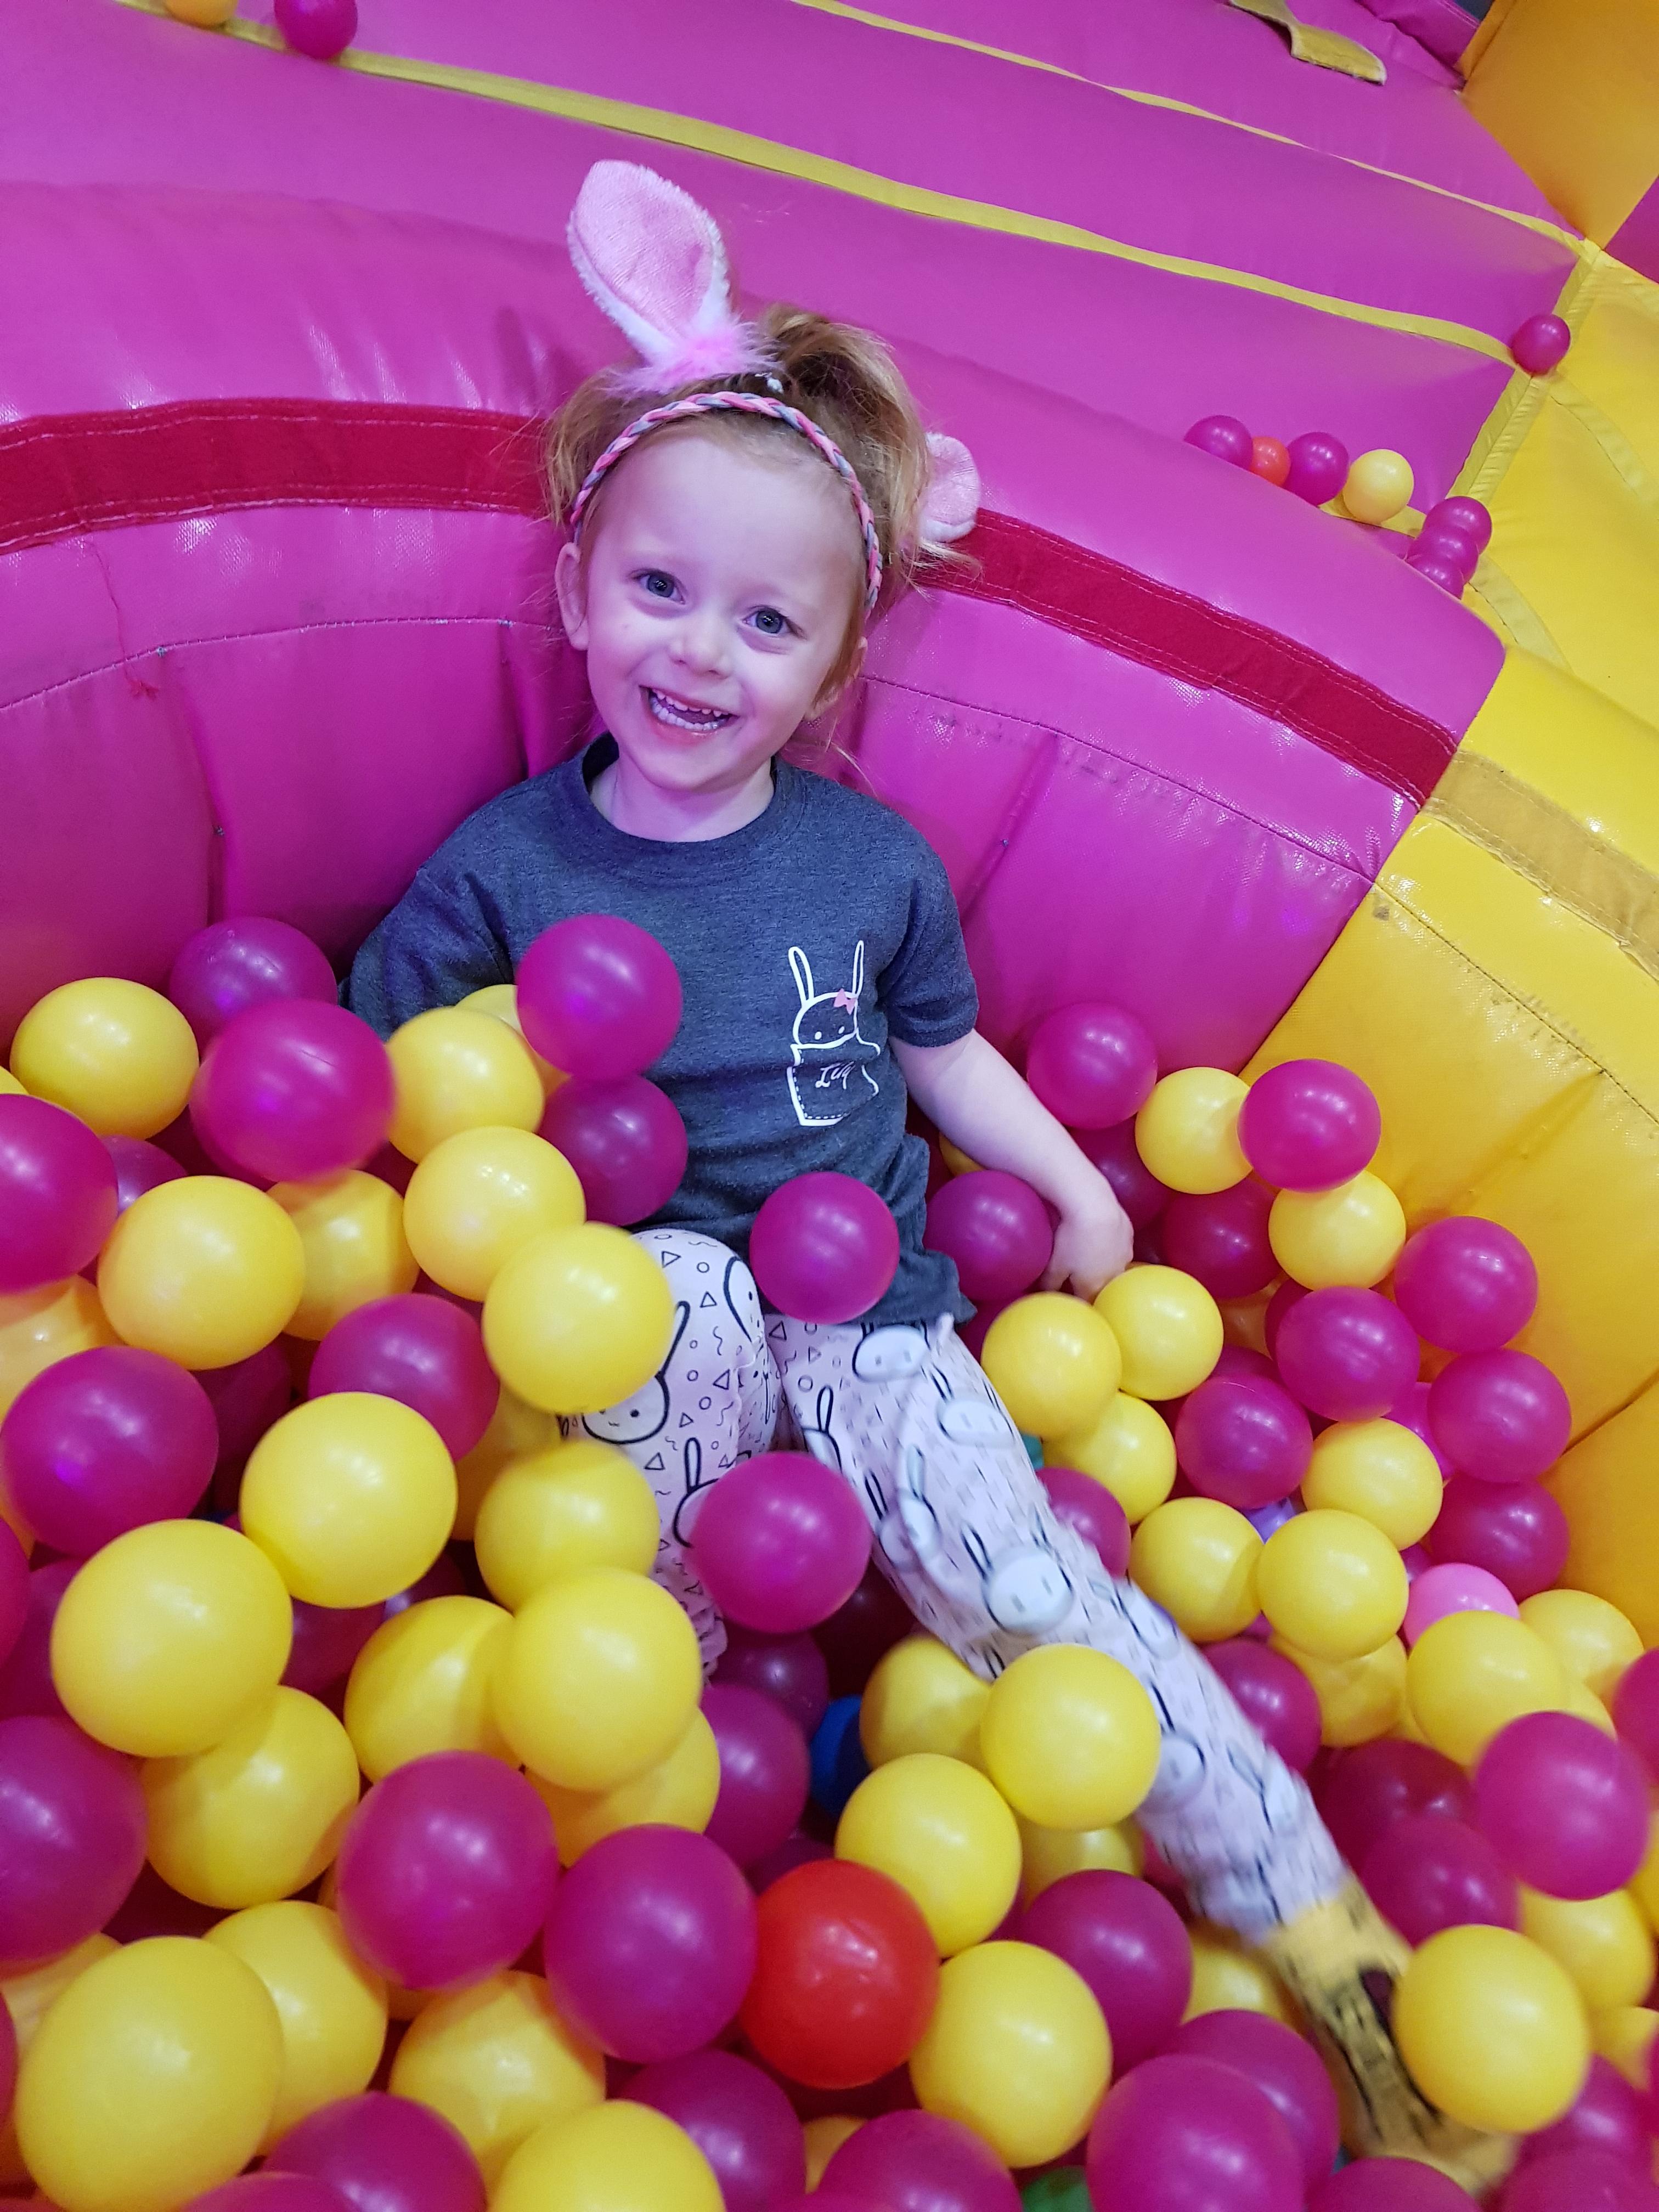 Ballpit fun